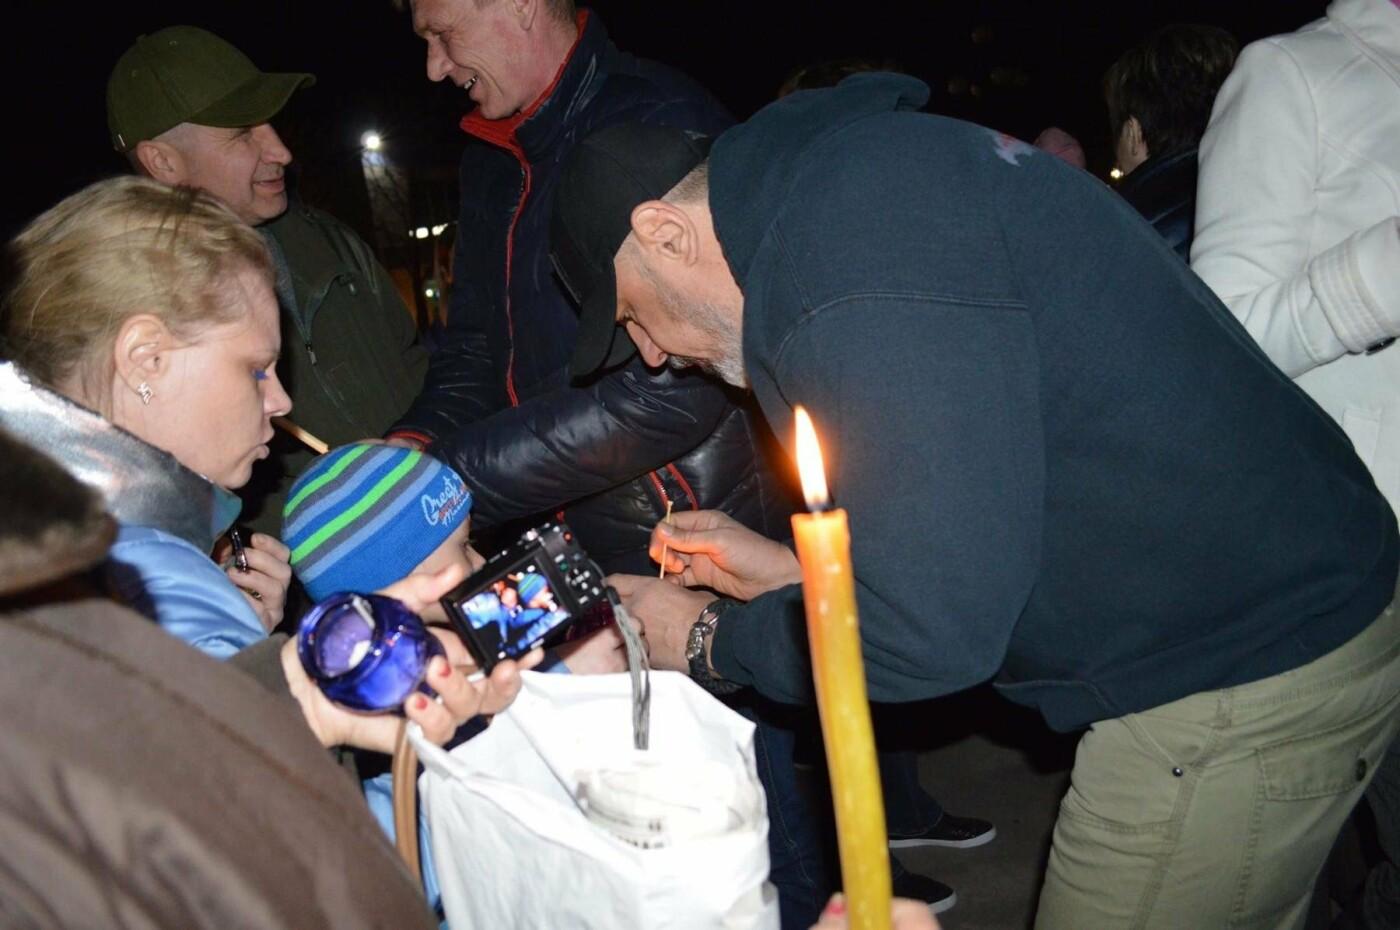 """Накануне Пасхи бойцы """"Кривбасса"""" и волонтер поделились с горожанами частичкой Благодатного Огня (ФОТО), фото-1"""